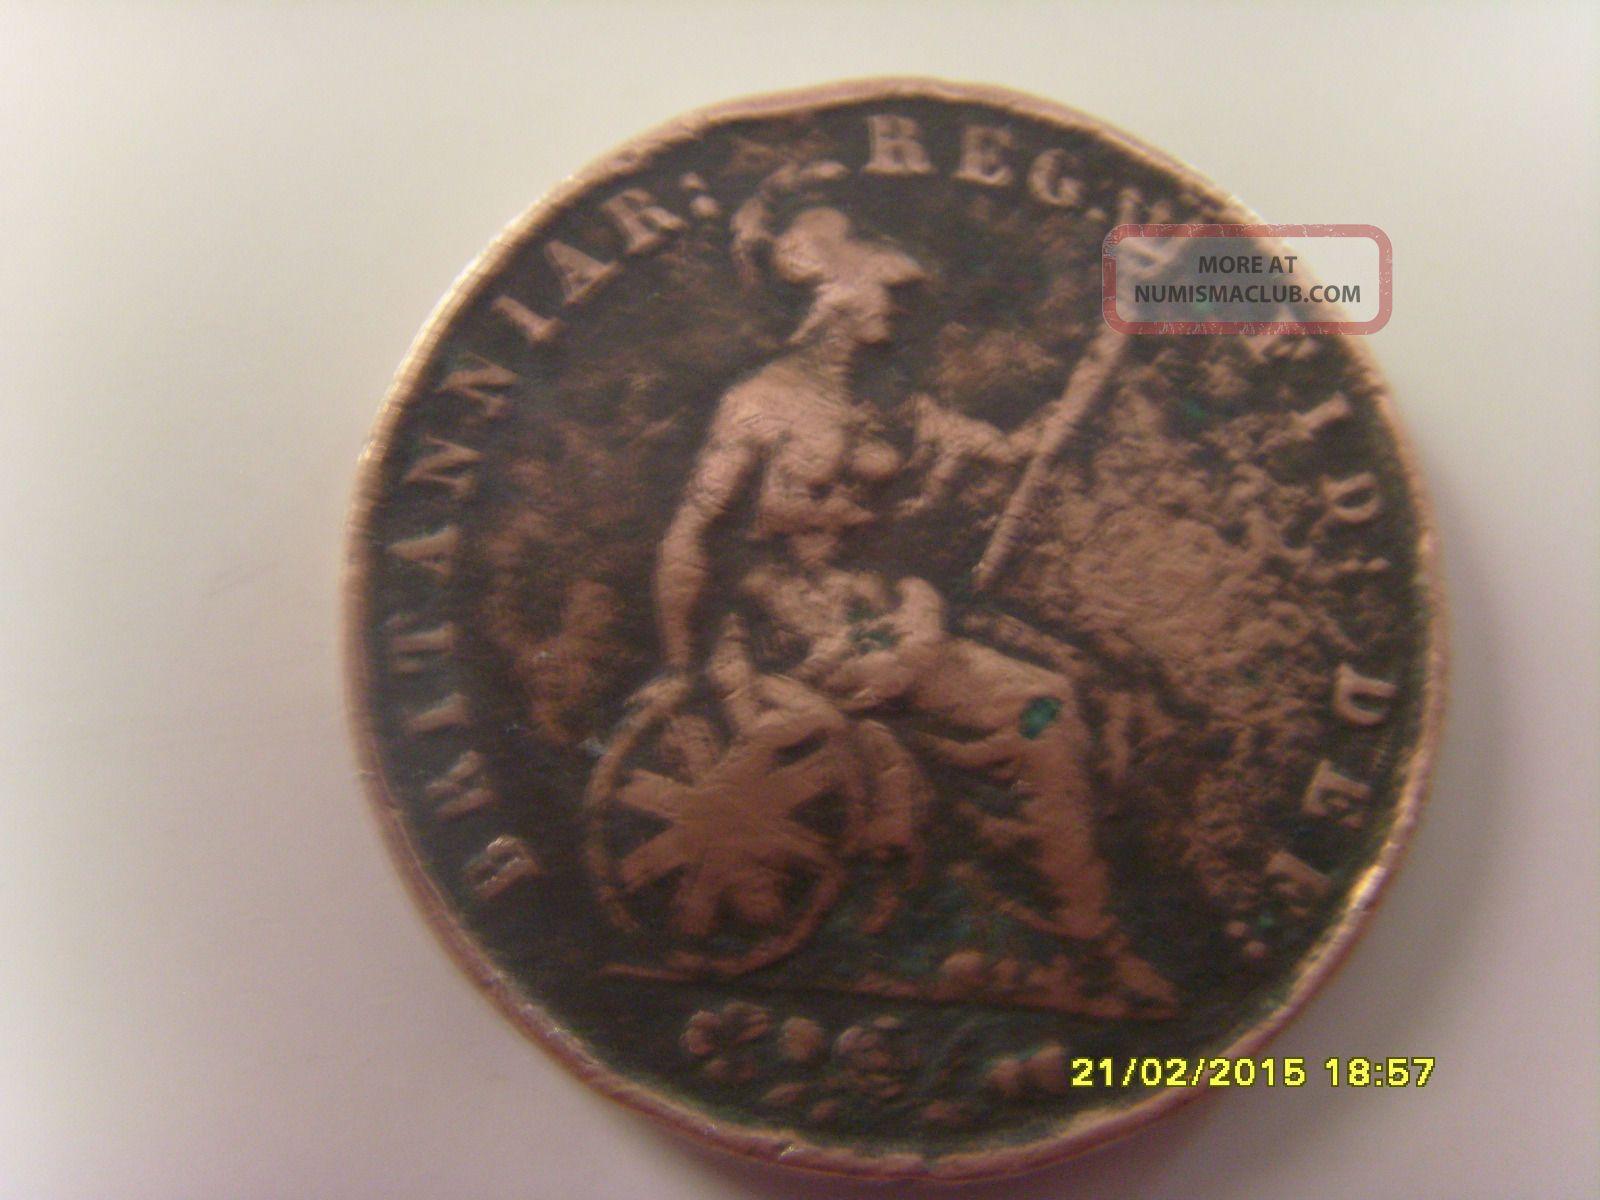 1838 Victoria Dei Gratia Britanniar Reg Fid Def Brass Coin Rare Coins: World photo